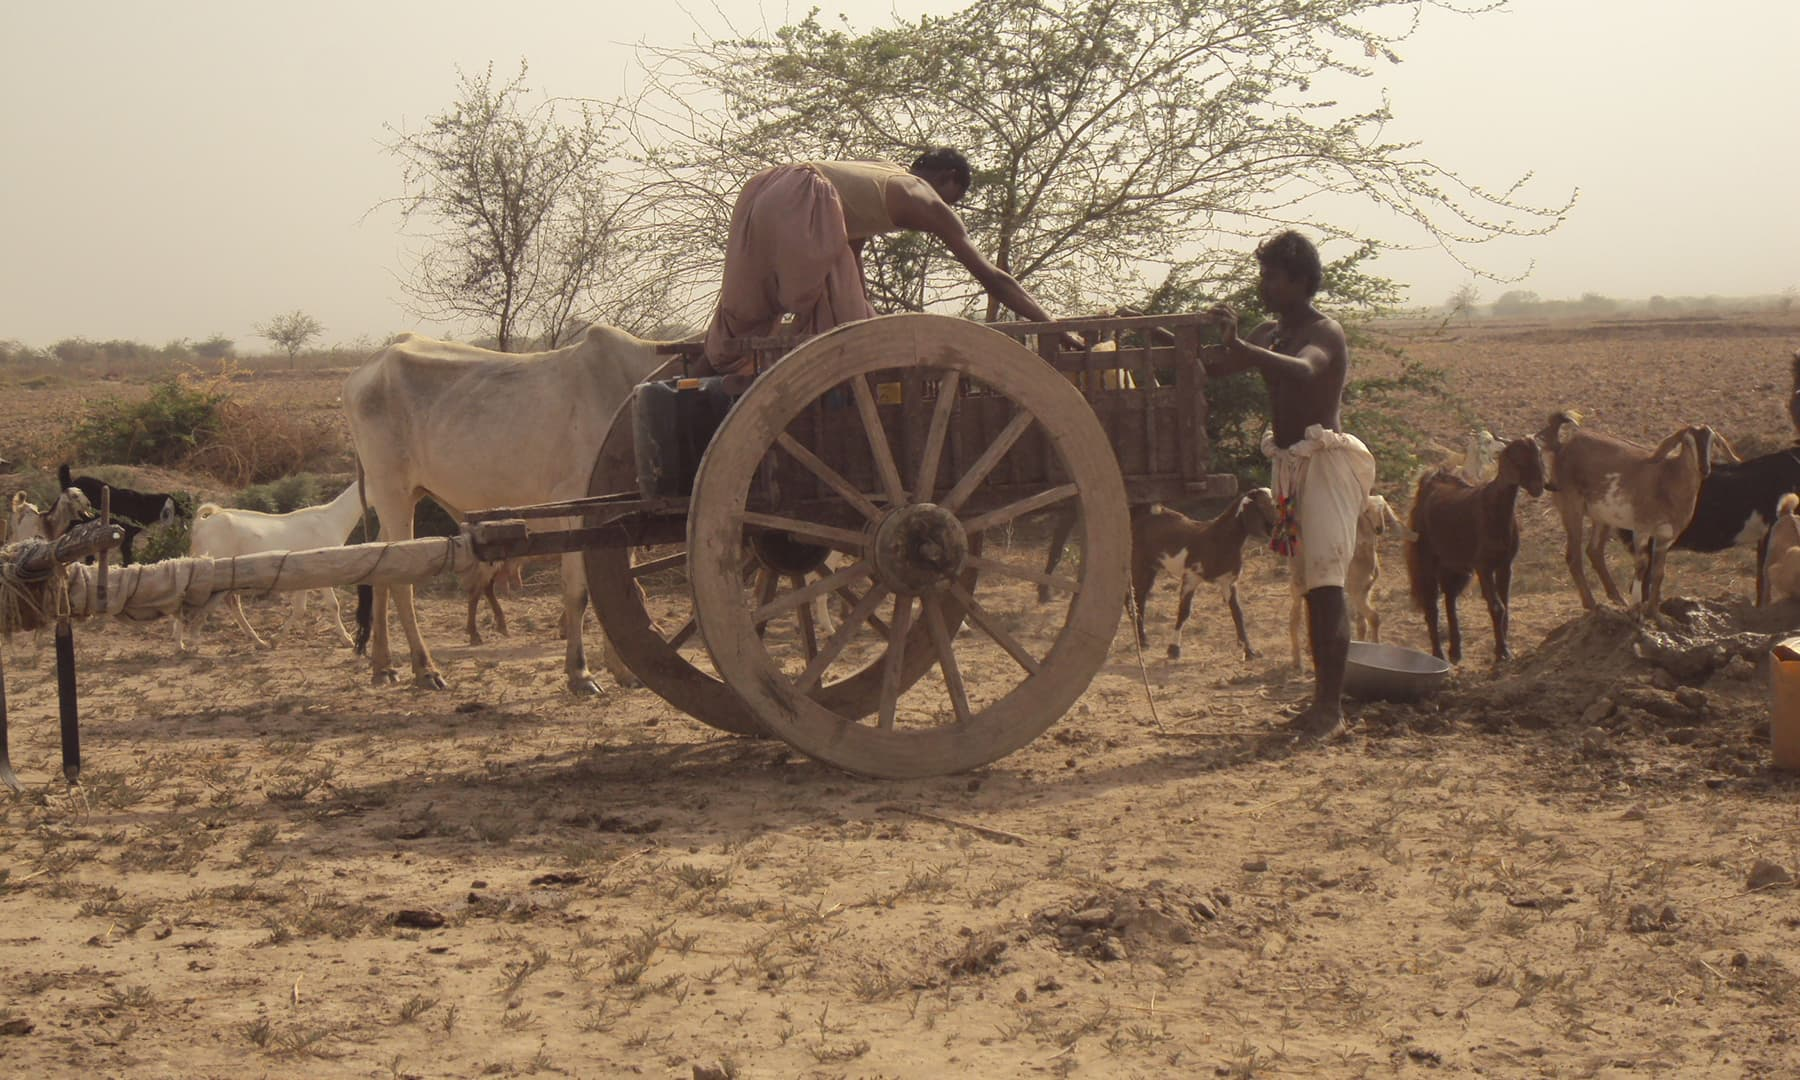 پانی کے حصول کے لیے کنویں کھودے جاتے ہیں—تصویر ابوبکر شیخ